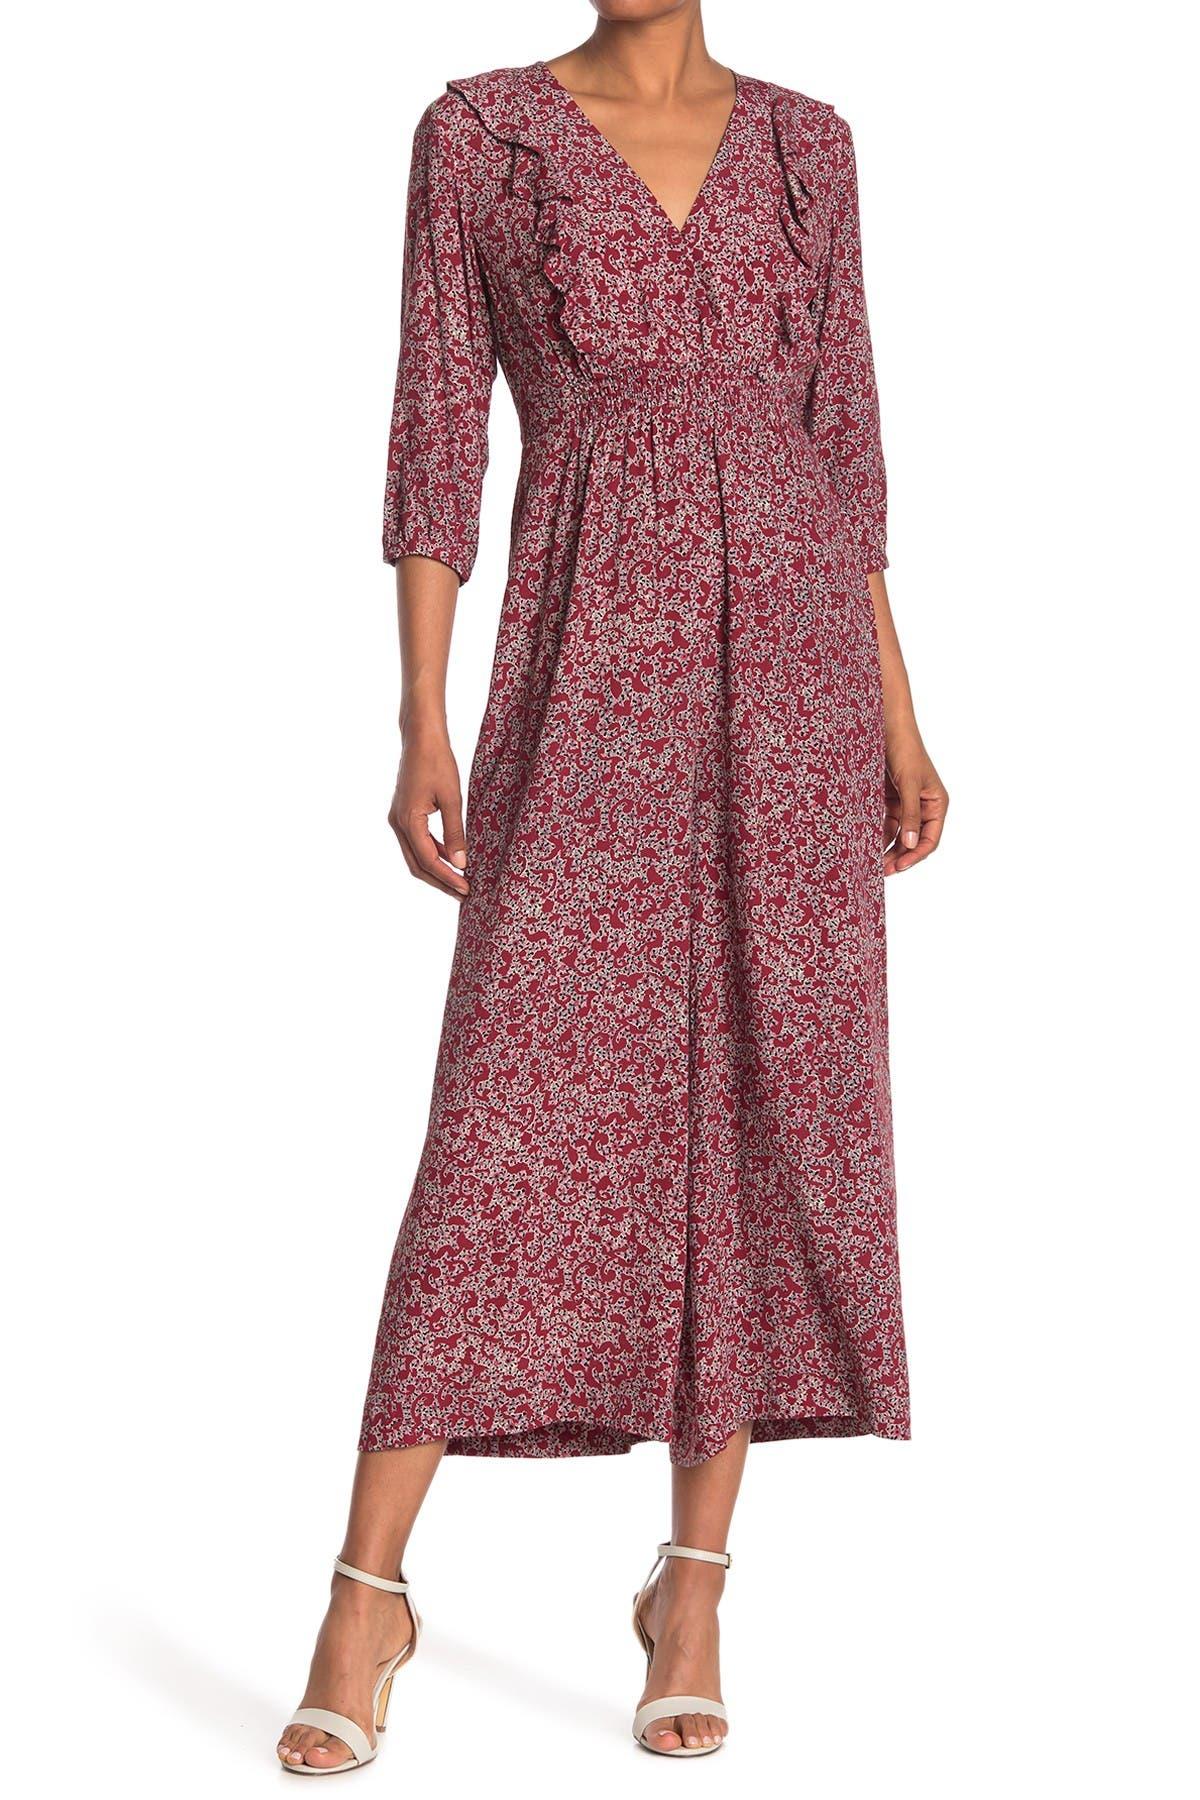 Image of ba&sh Cloy Floral Wide Leg Jumpsuit